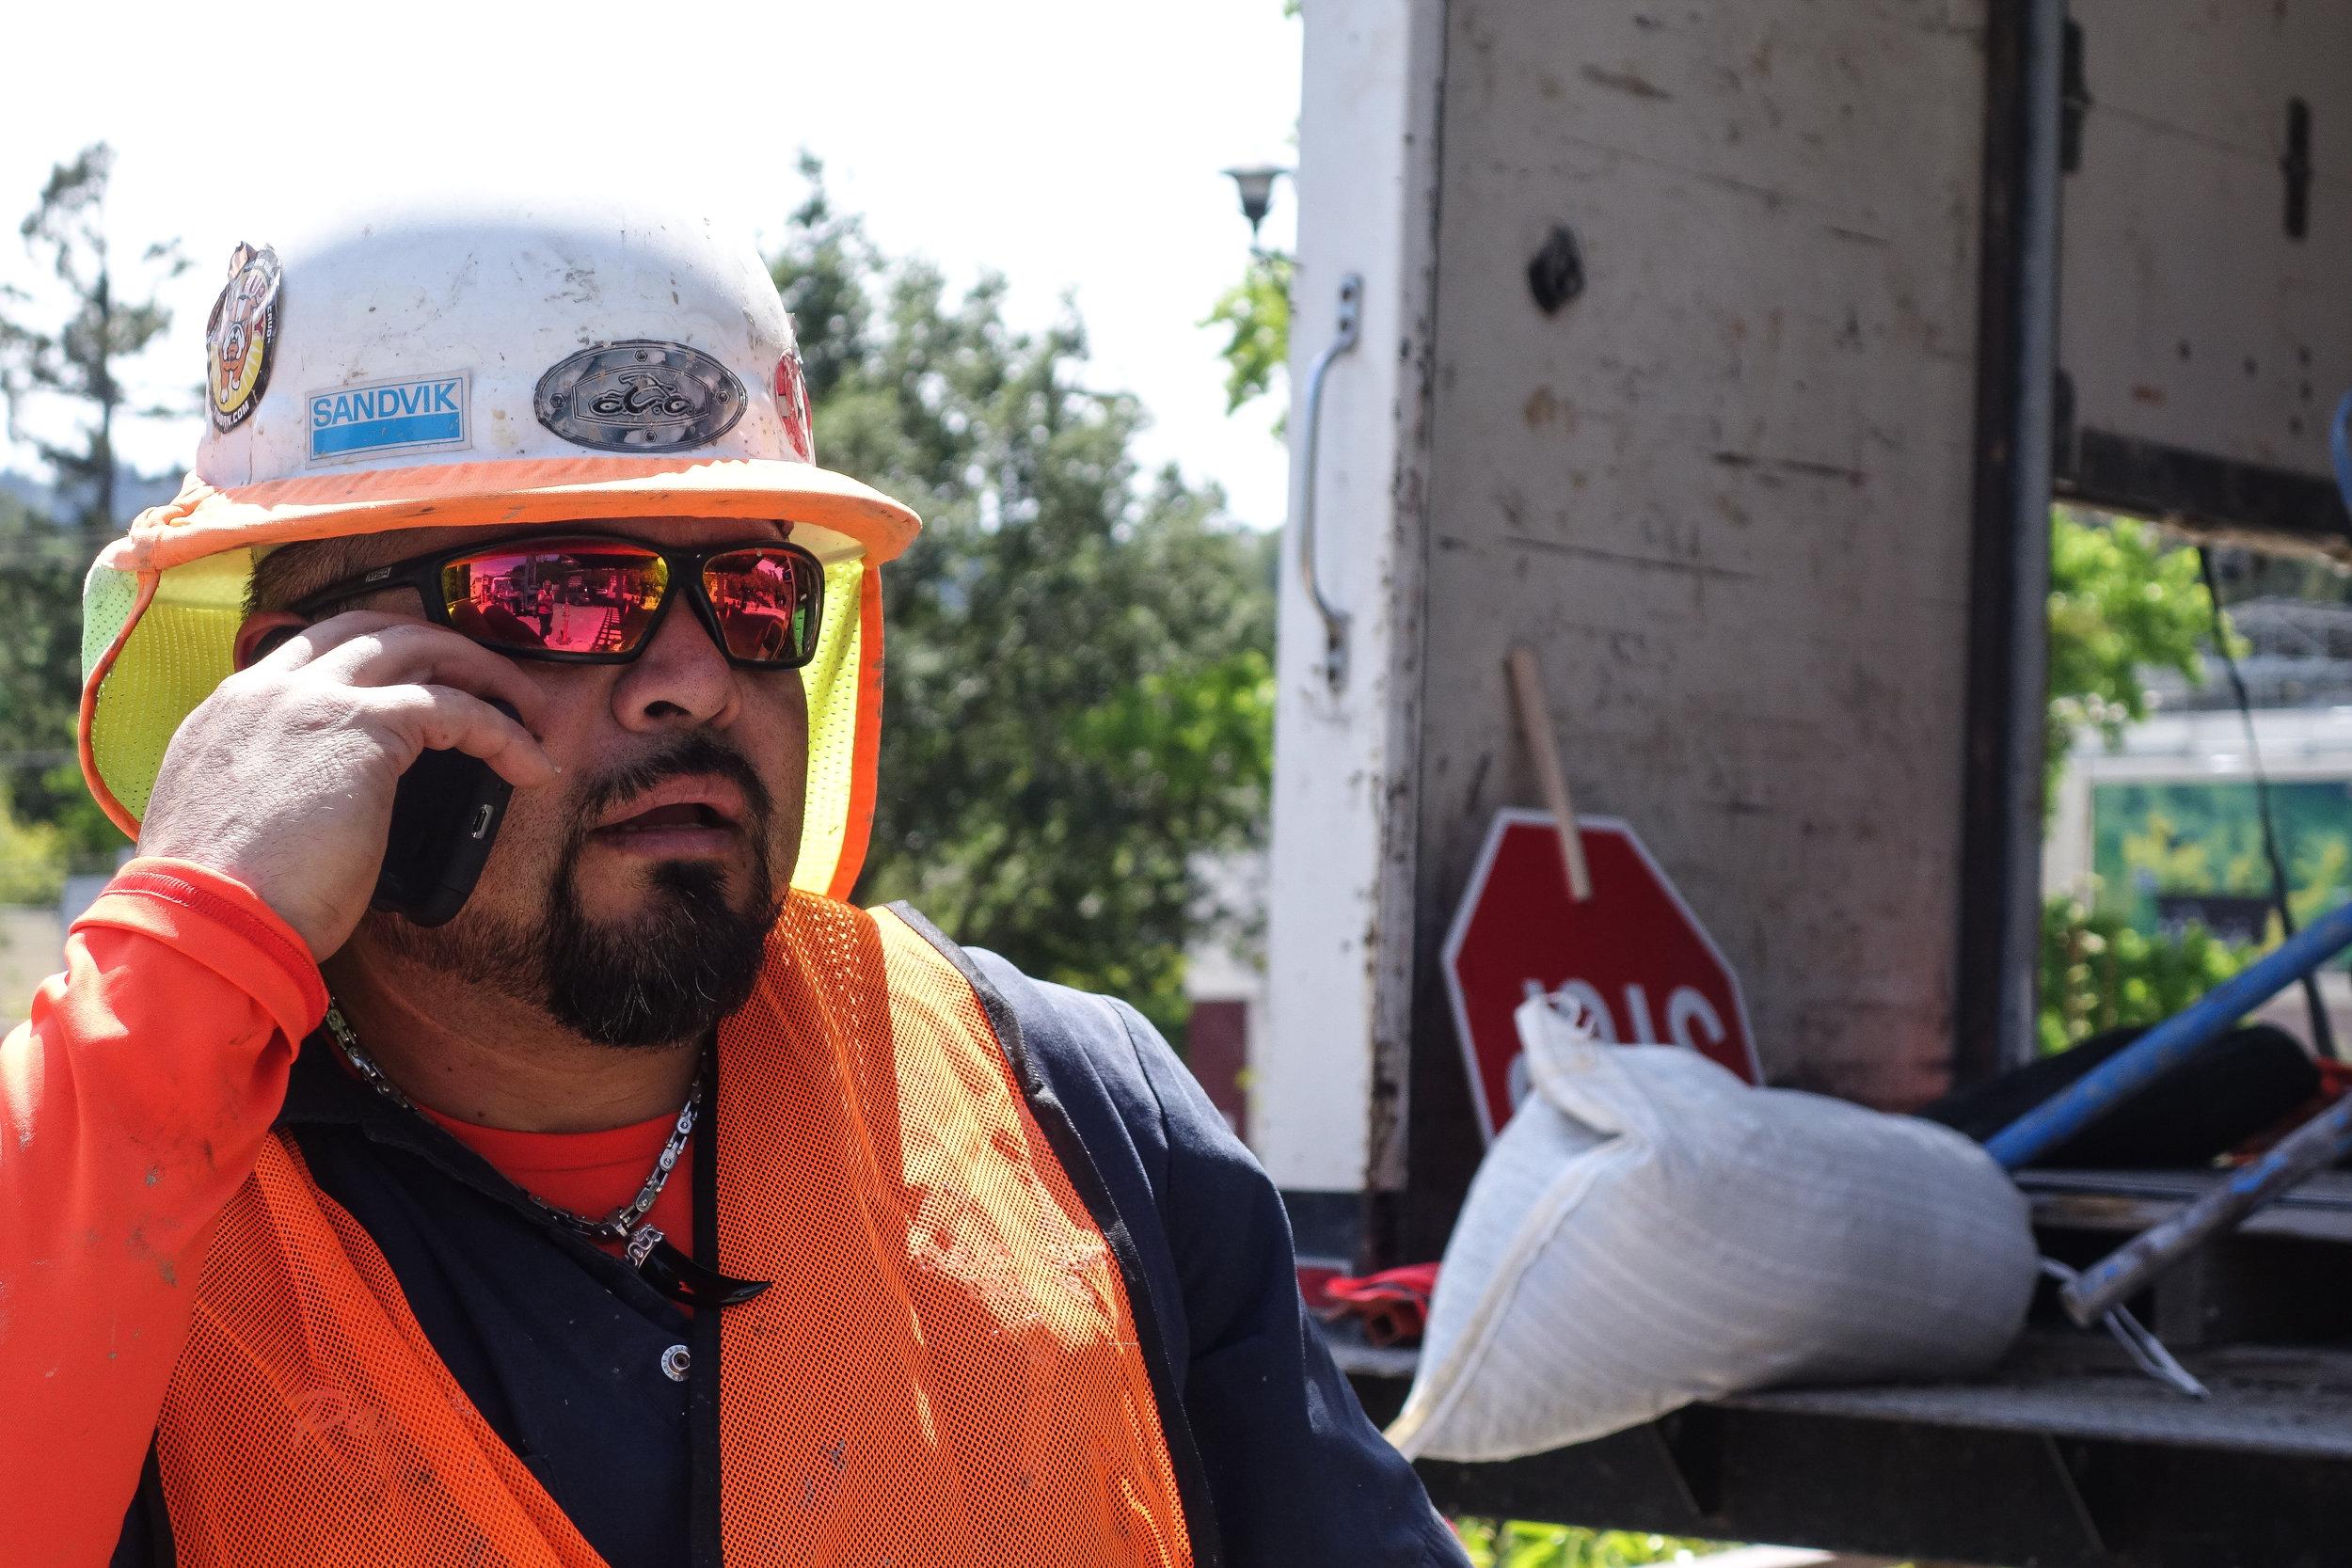 29-Workman-1-04685.jpg